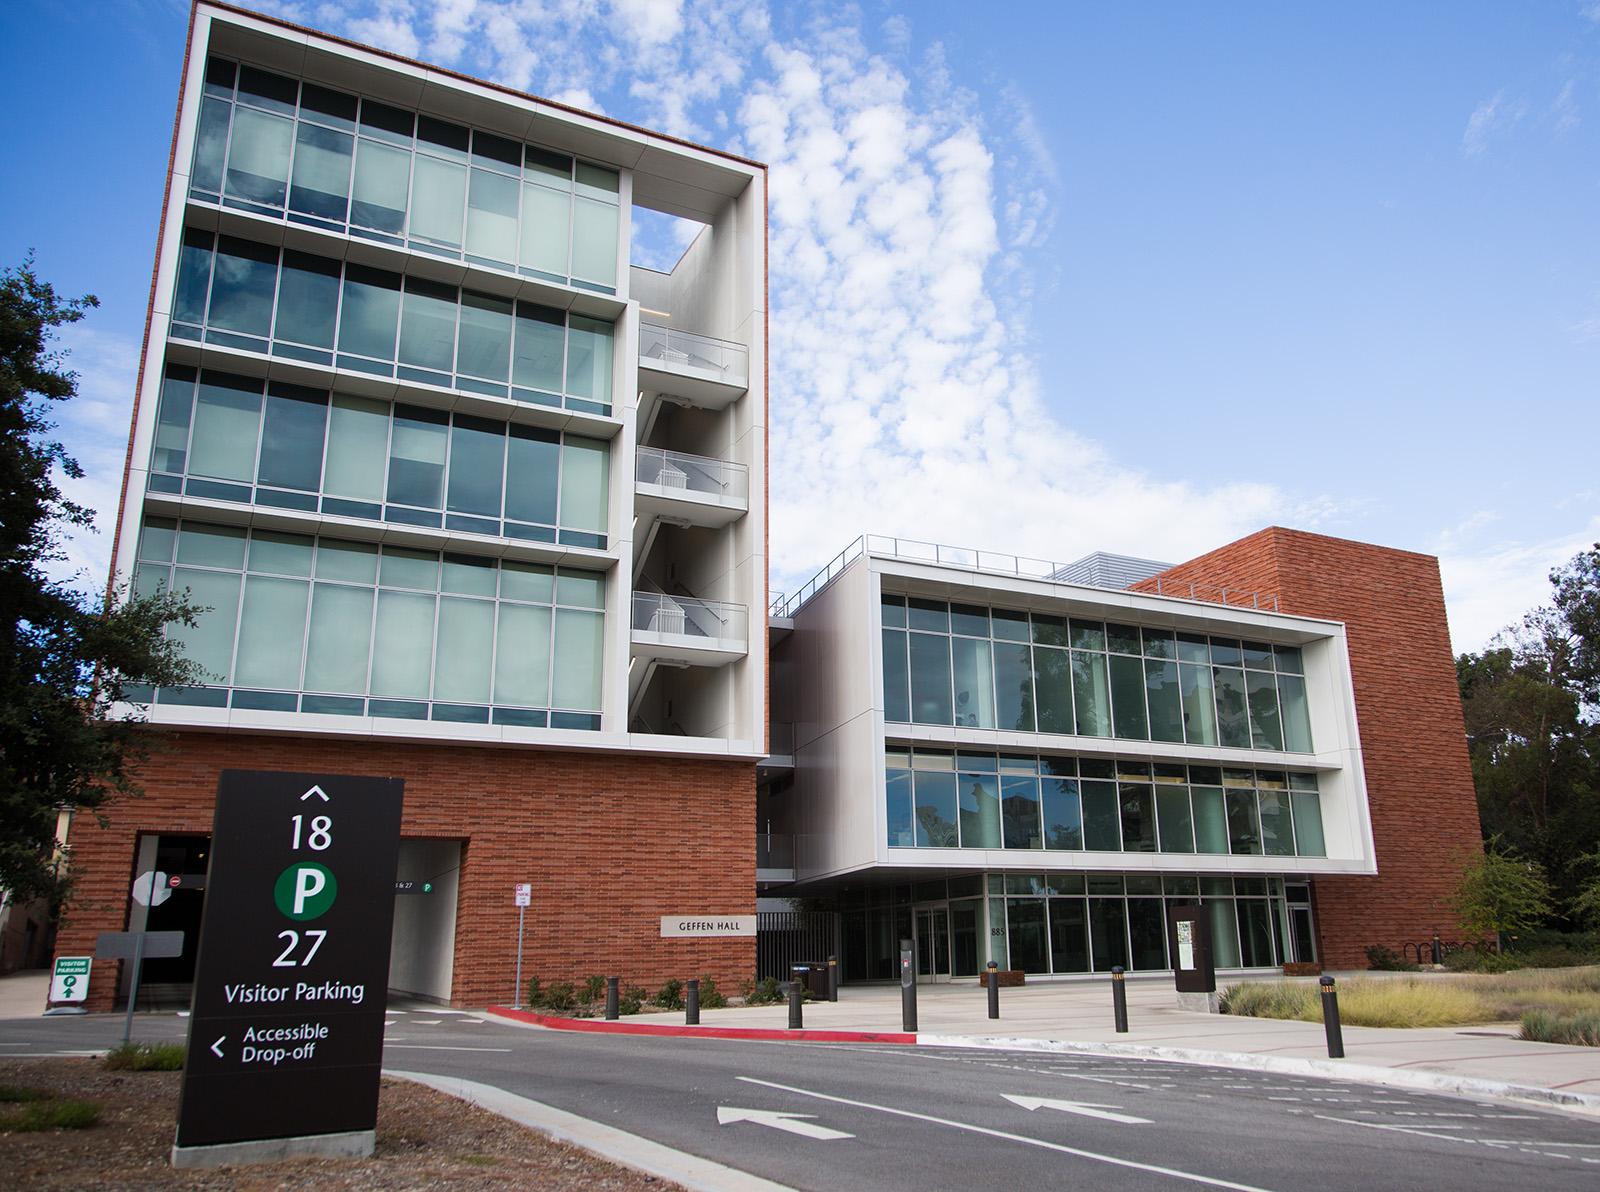 David Geffen School of Medicine  Medical Schools in Los Angeles